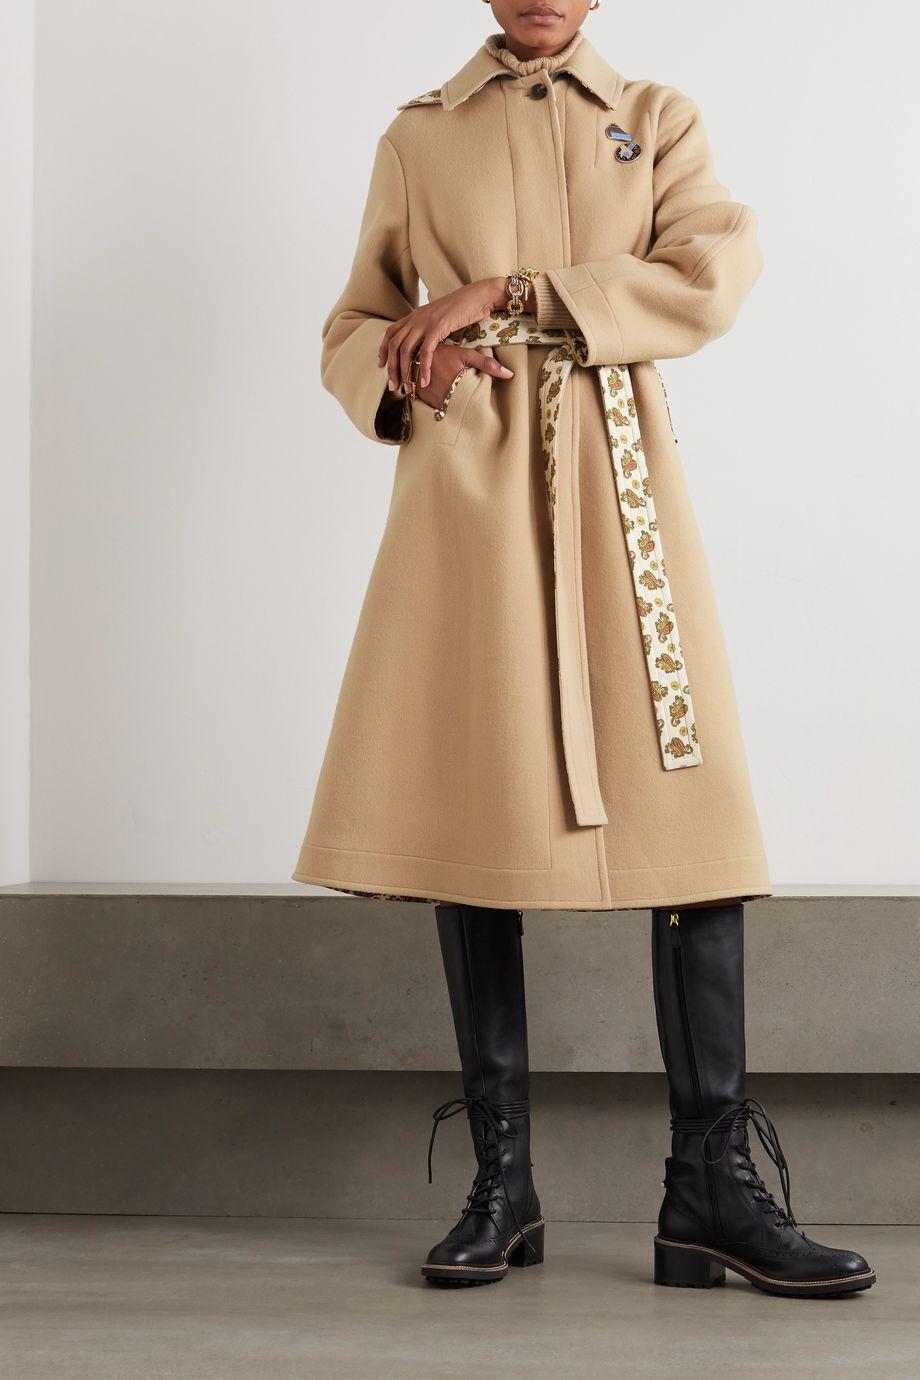 Chloé Mantel aus einer Schurwoll-Kaschmirmischung mit Bindegürtel und Verzierungen